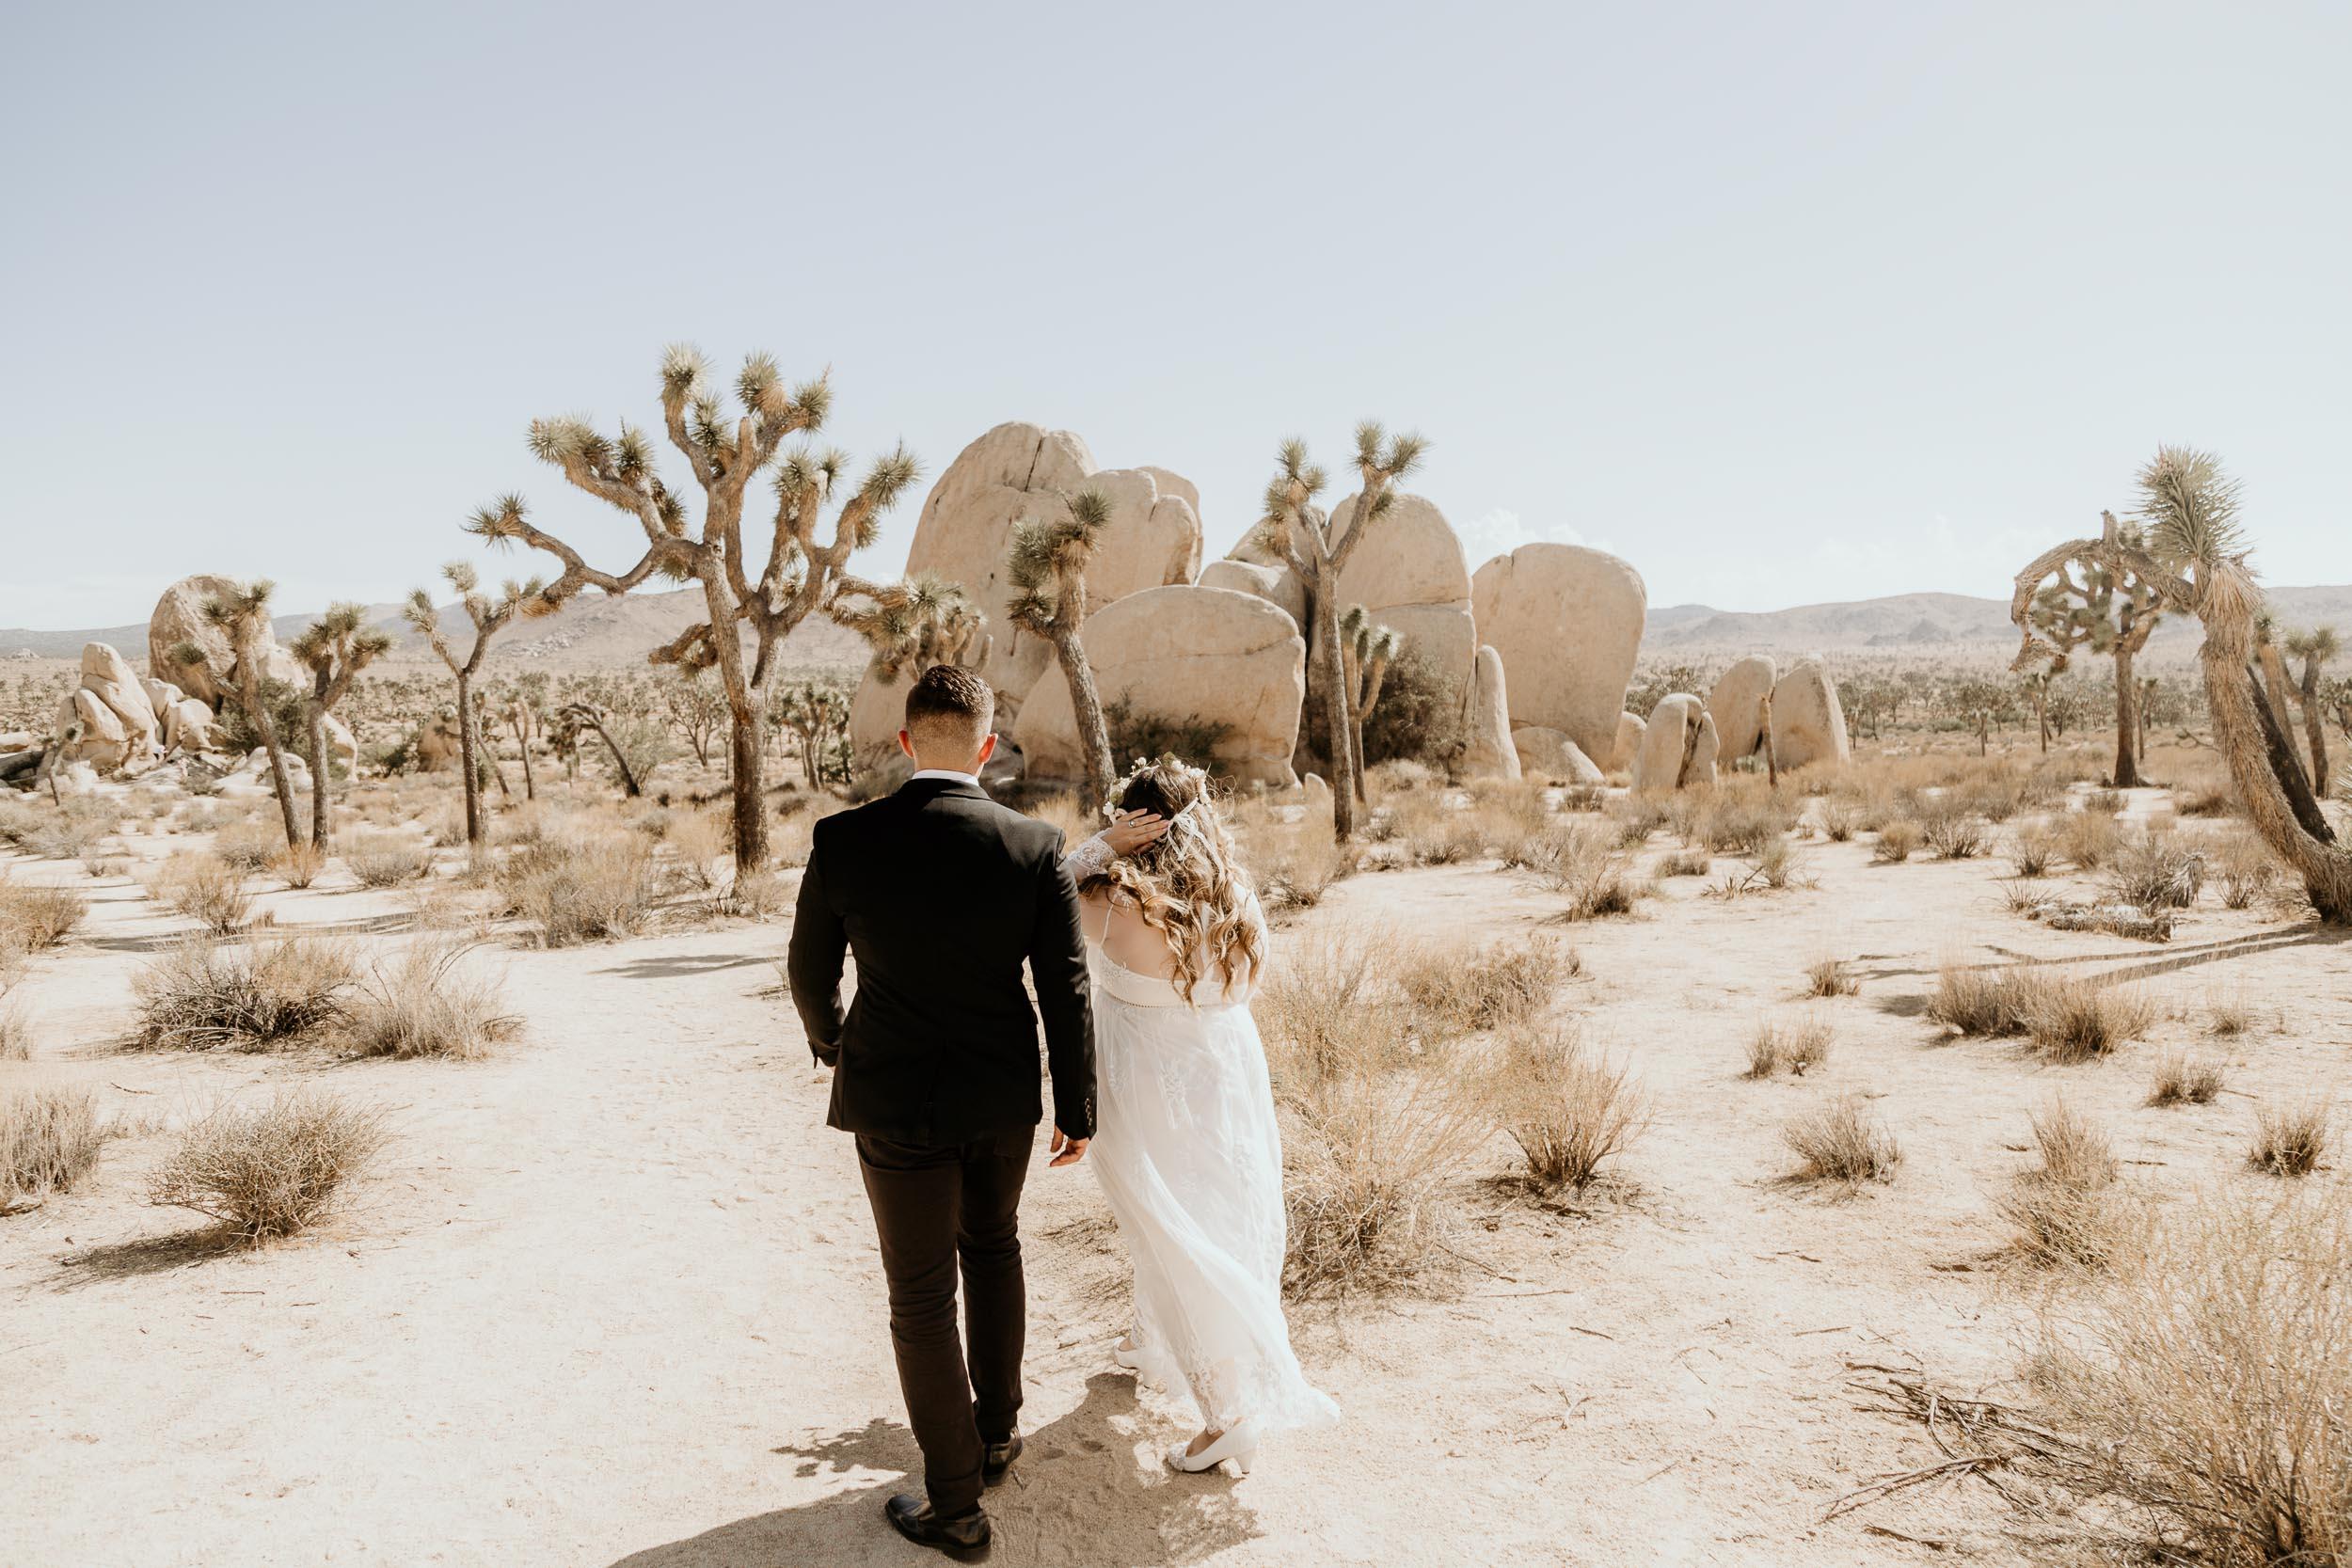 intimate-wedding-elopement-photographer-ottawa-joshua-tree-9959.jpg